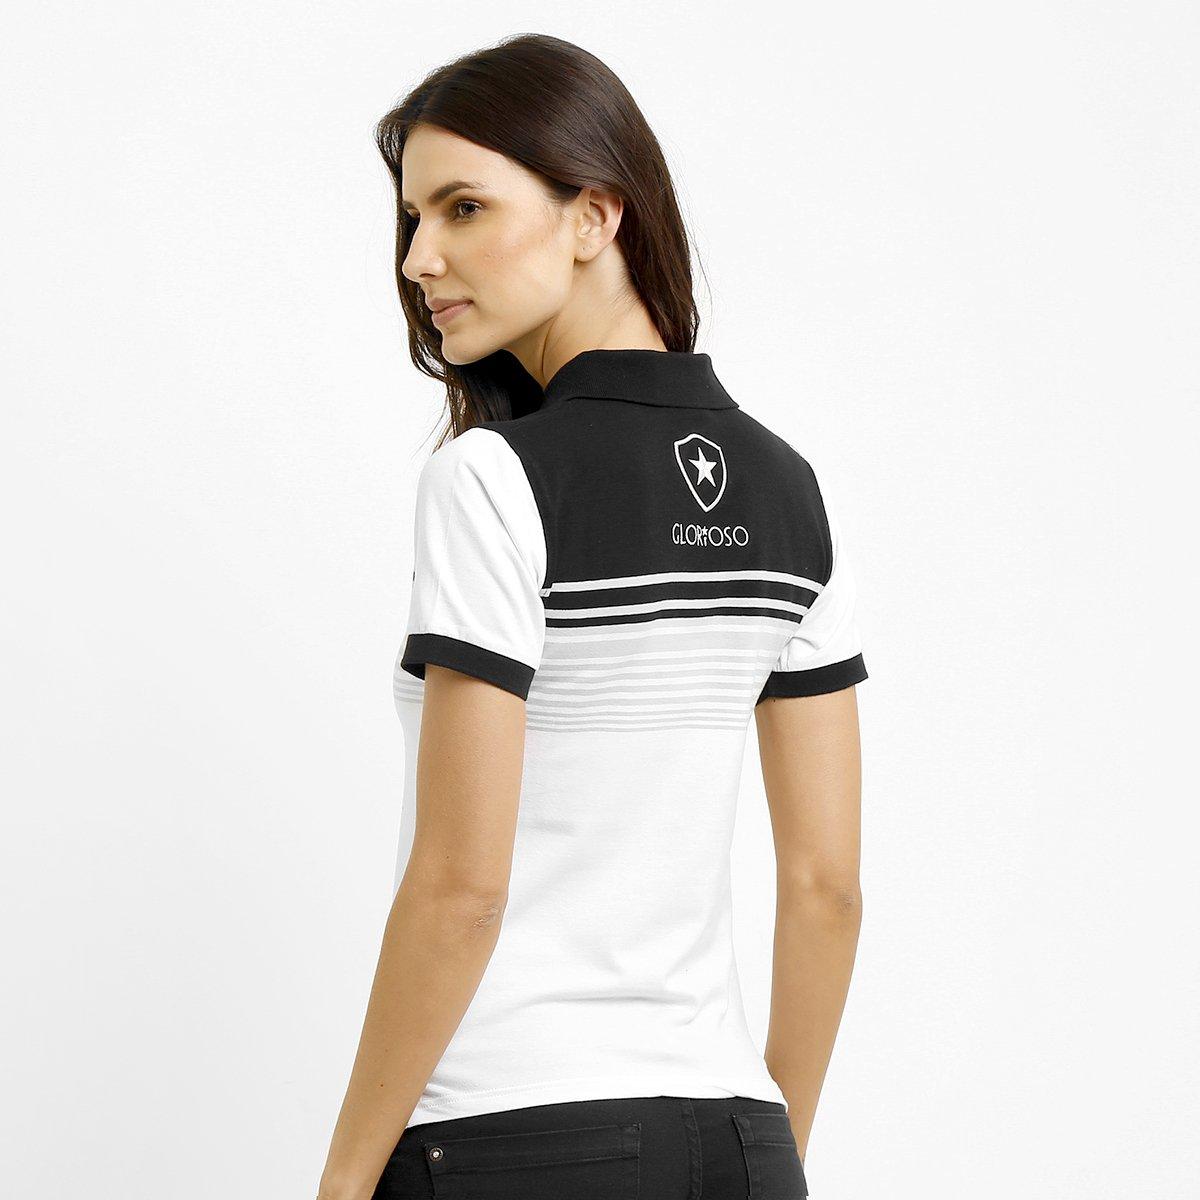 af56b270f1 Camisa Polo Feminina Botafogo Fio Tinto - Compre Agora